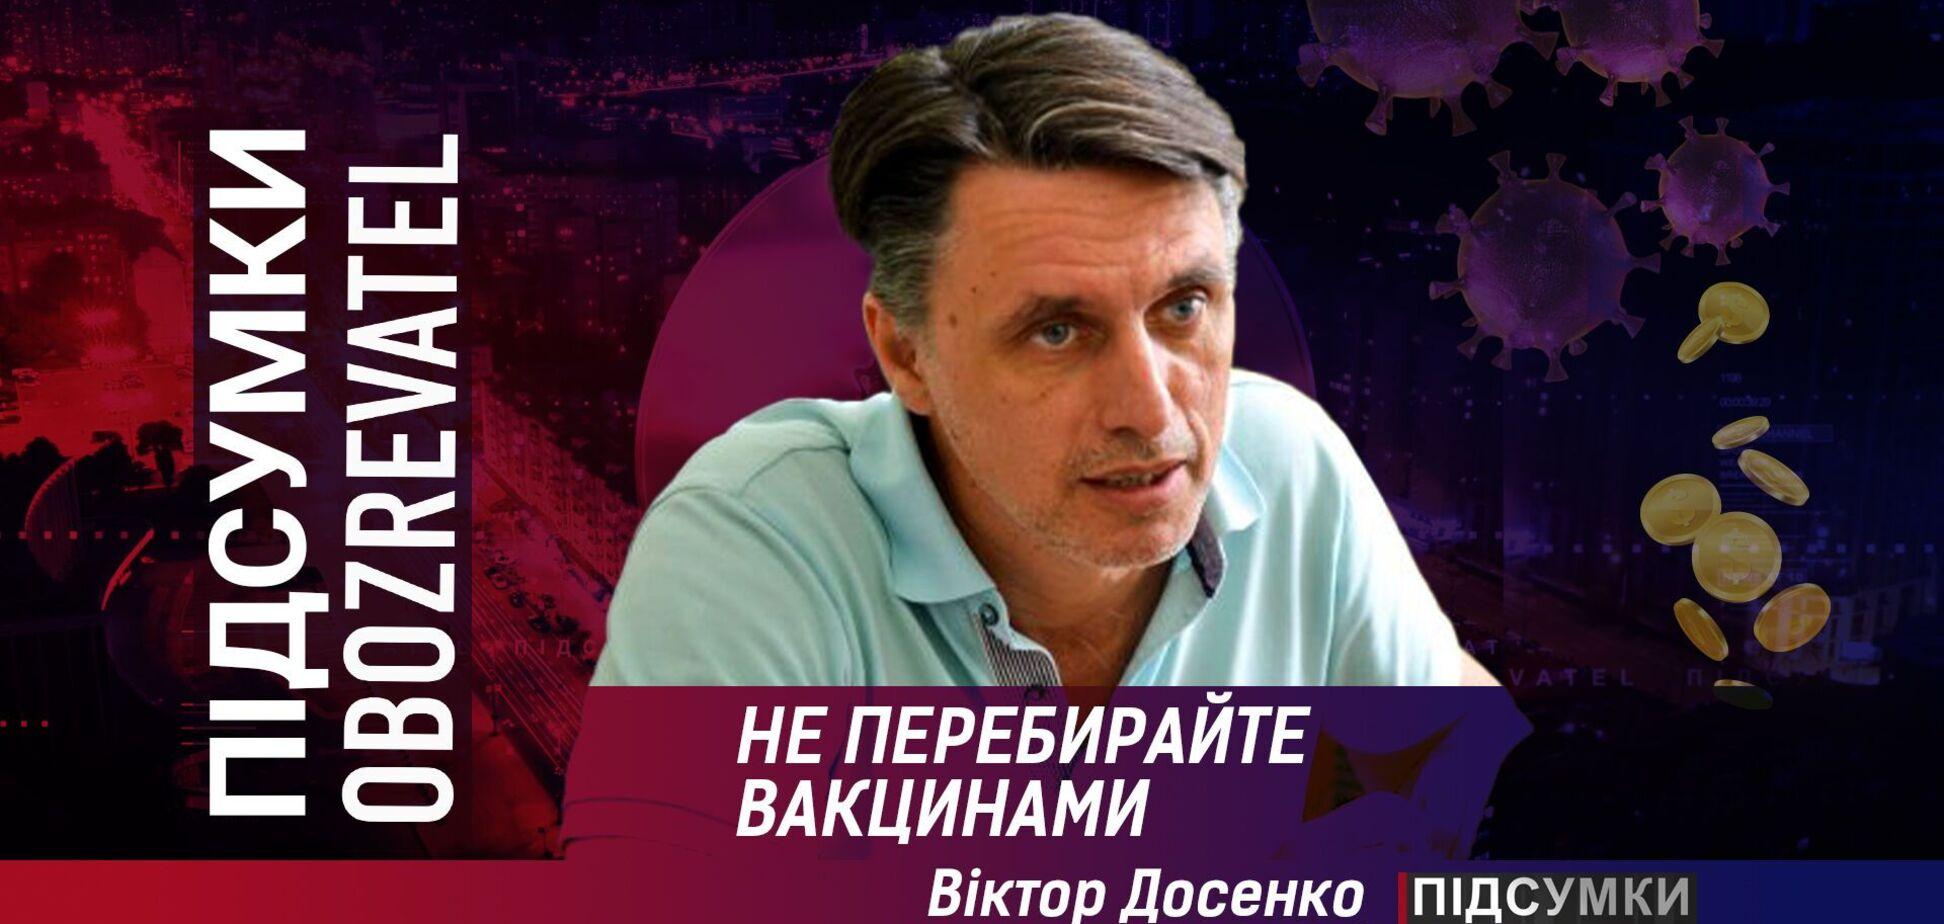 Профессор Досенко призвал не перебирать вакцинами